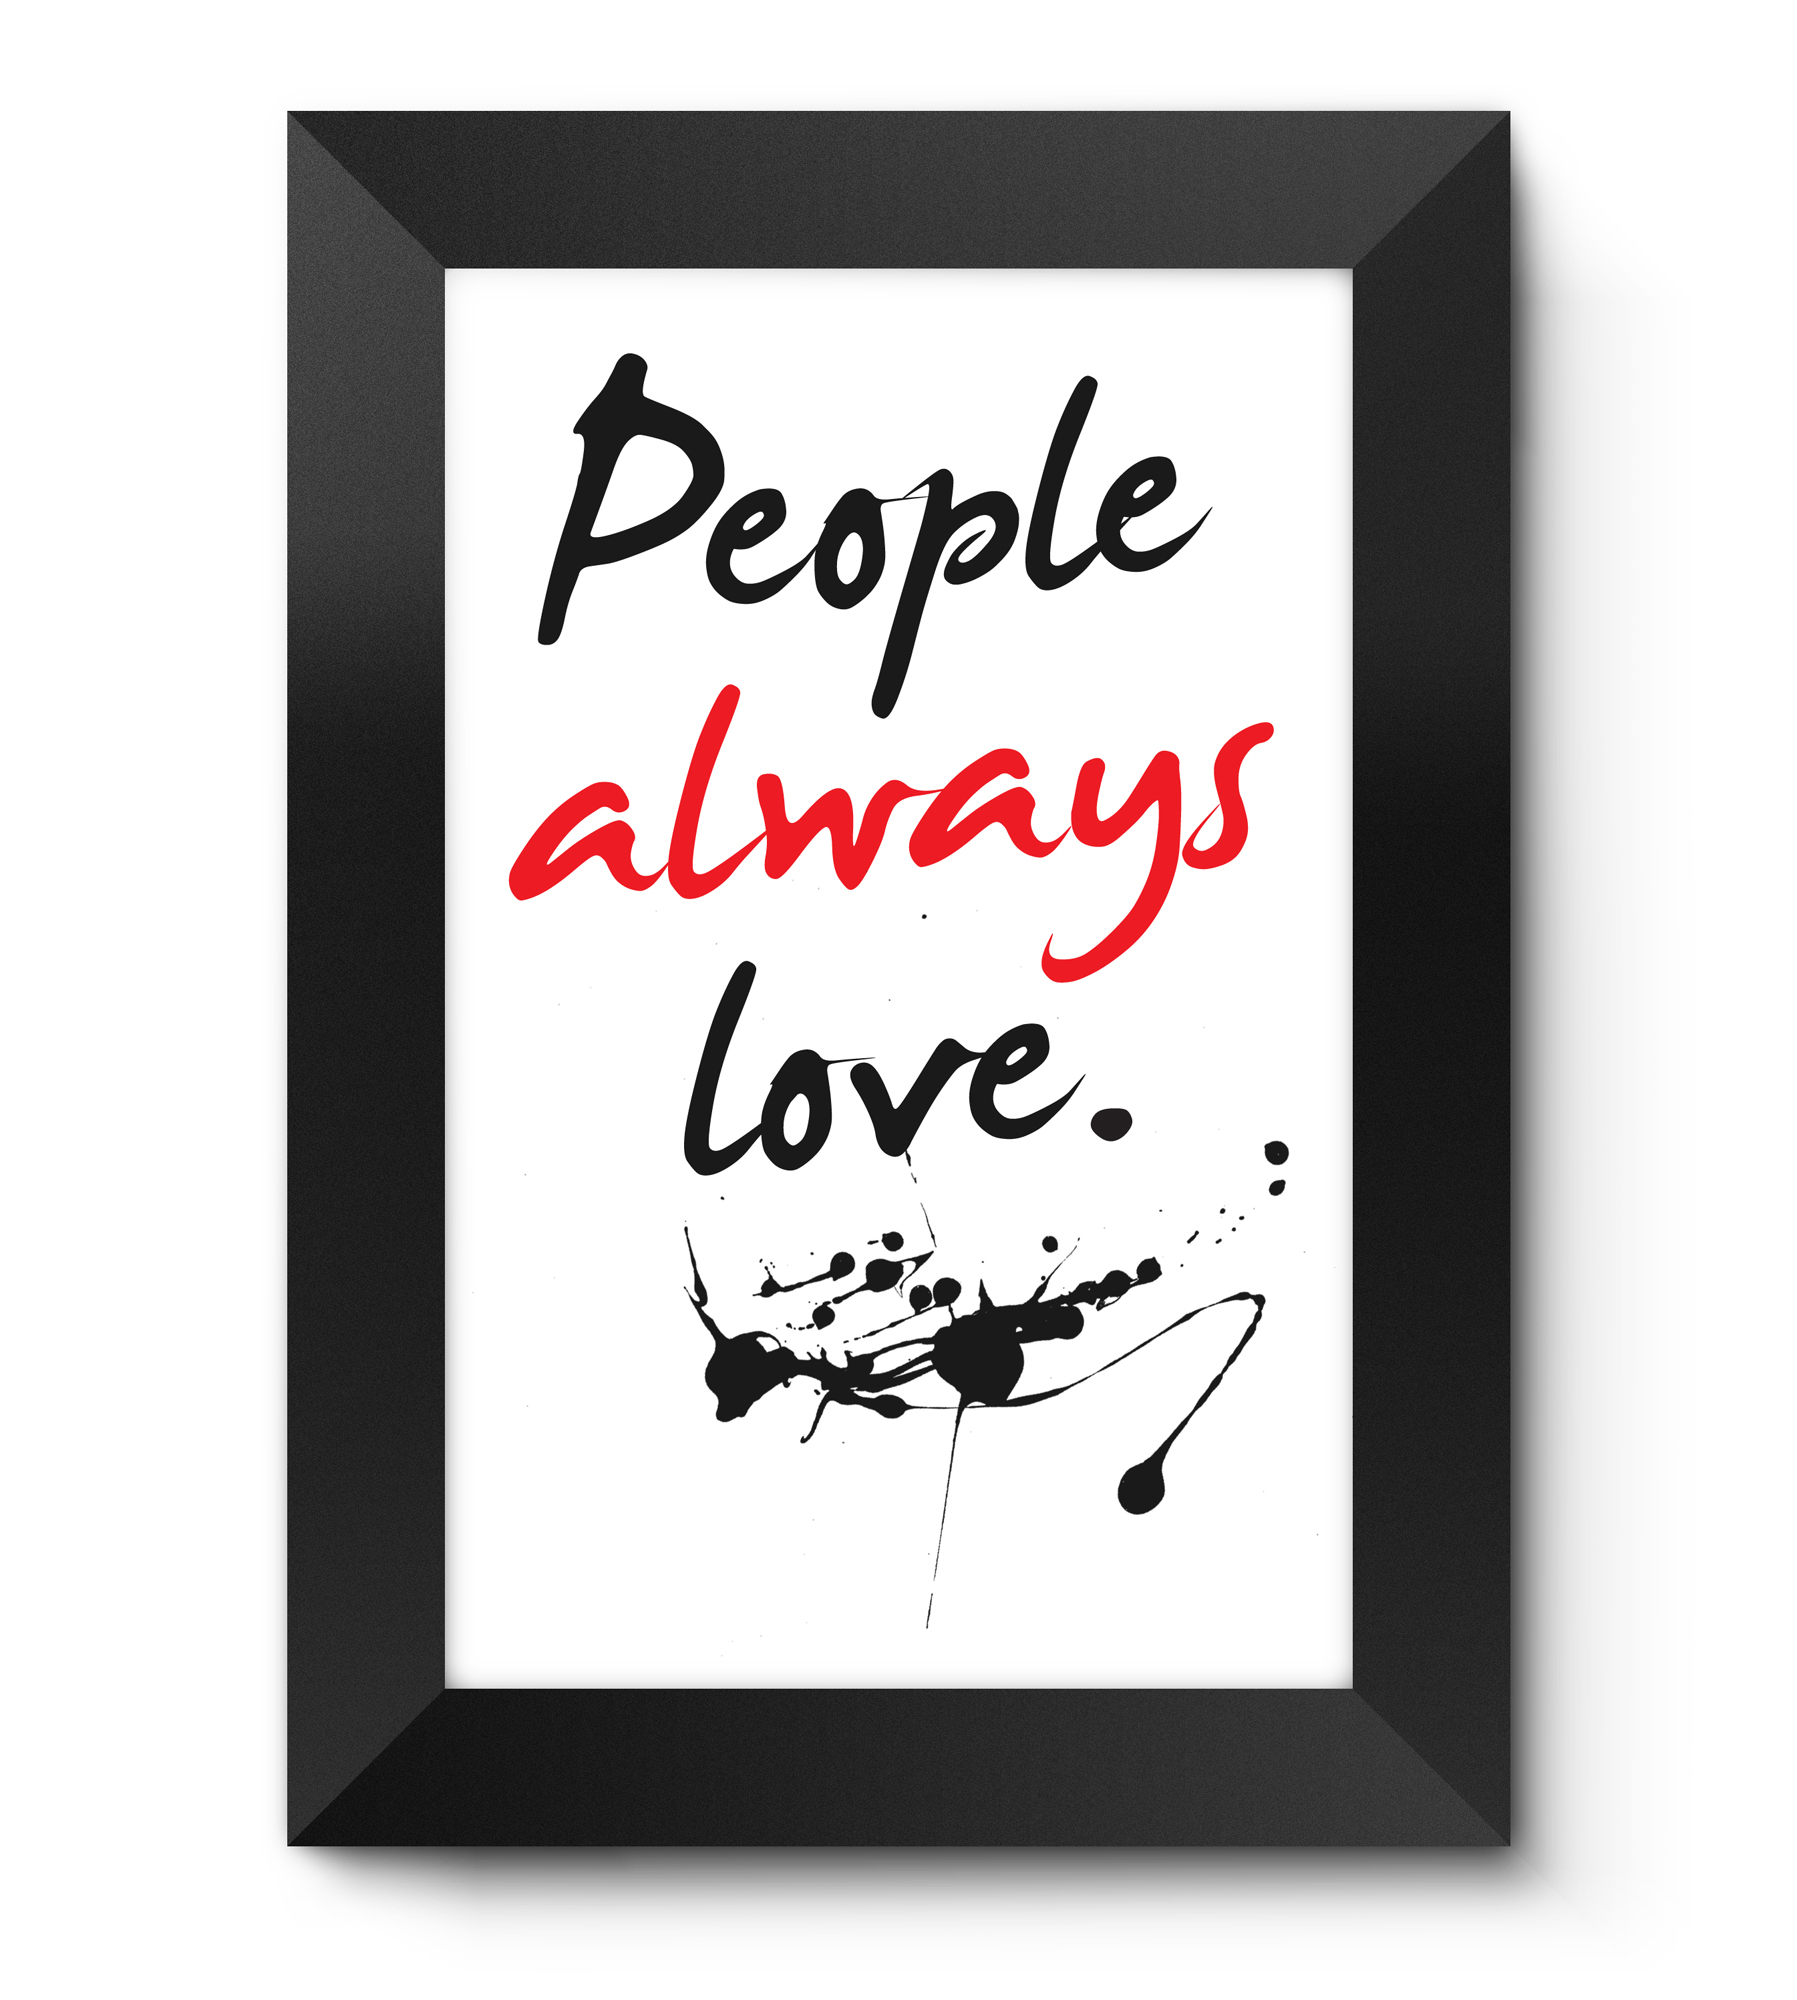 Obrazki Z Napisami W Ramce Cytaty O Miłości Motto